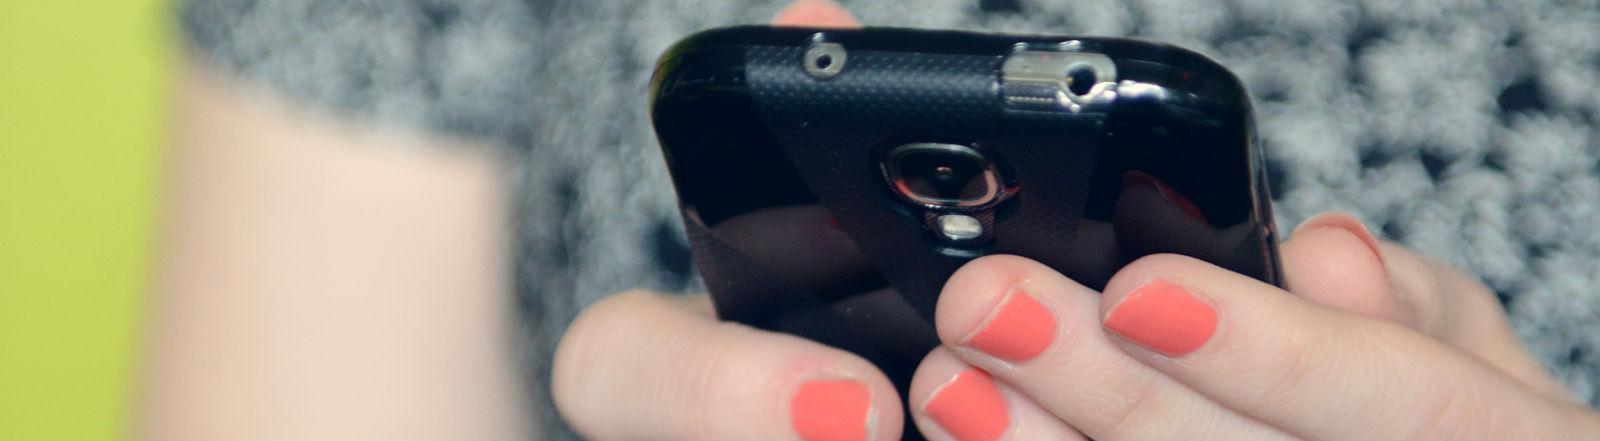 Hände mit lackierten Fingernägeln tippen auf einem Smartphone.